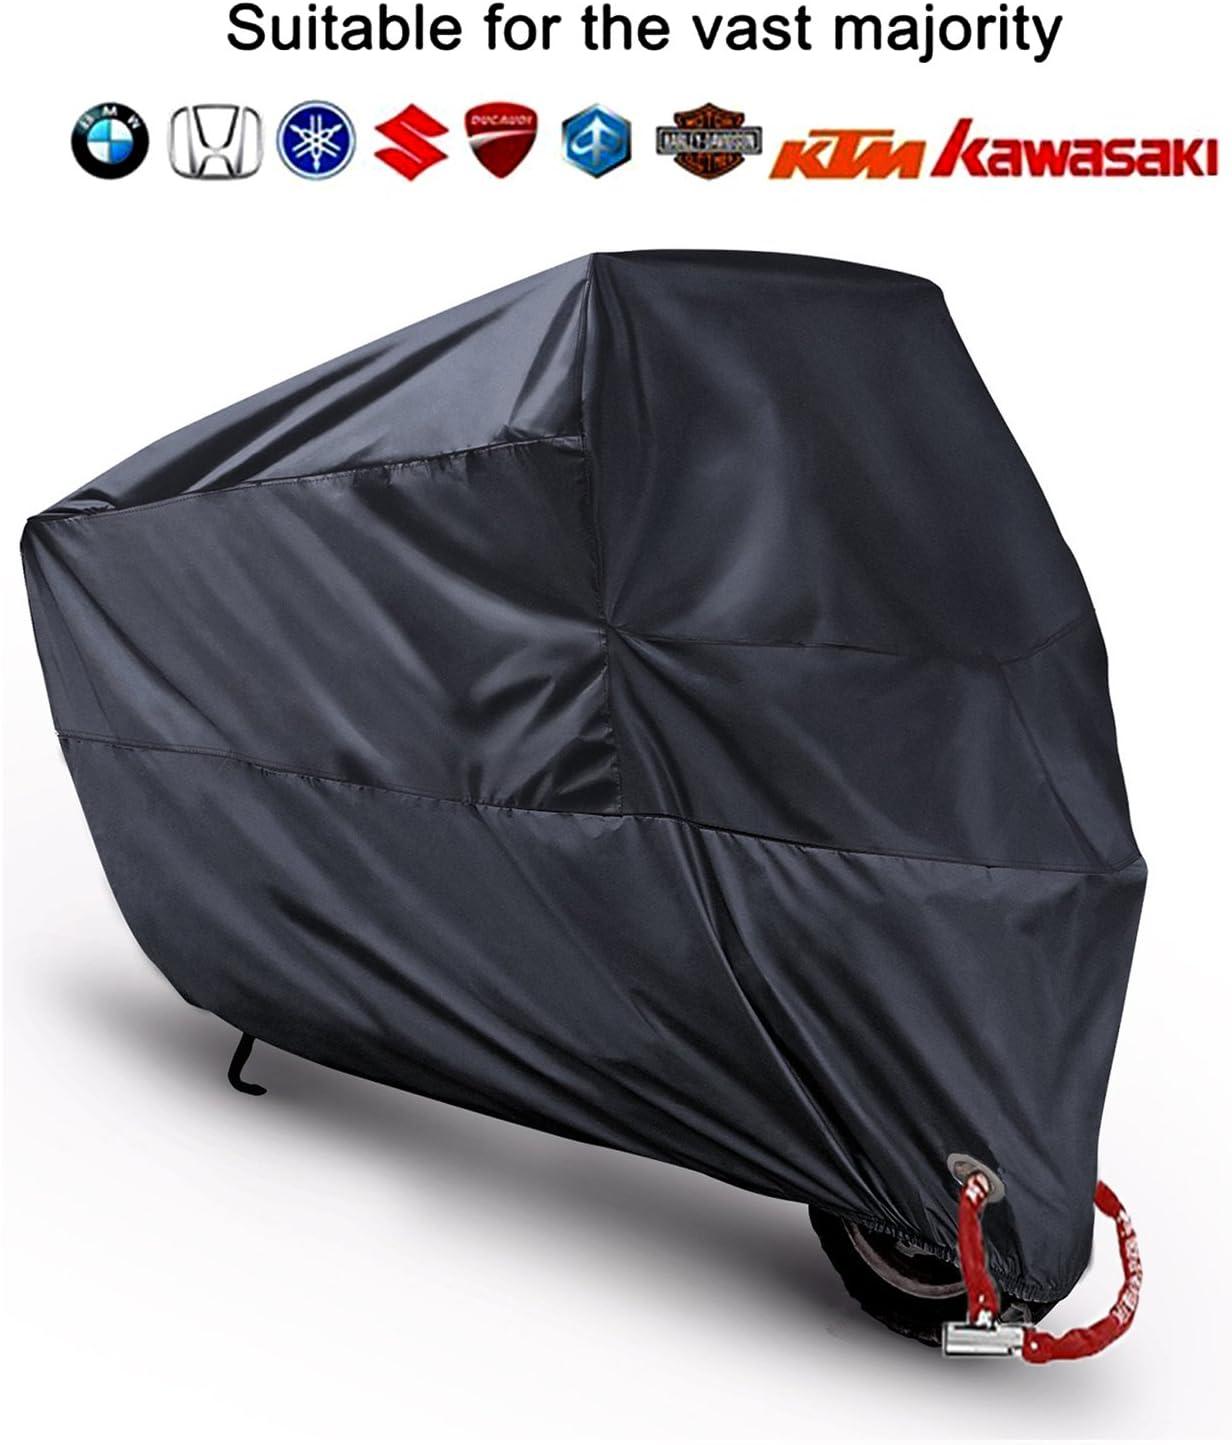 Blu L AHL Motocicletta Telo Coprimoto Impermeabile Antipolvere Anti UV Traspirante per Esterni Durante Tutto lanno